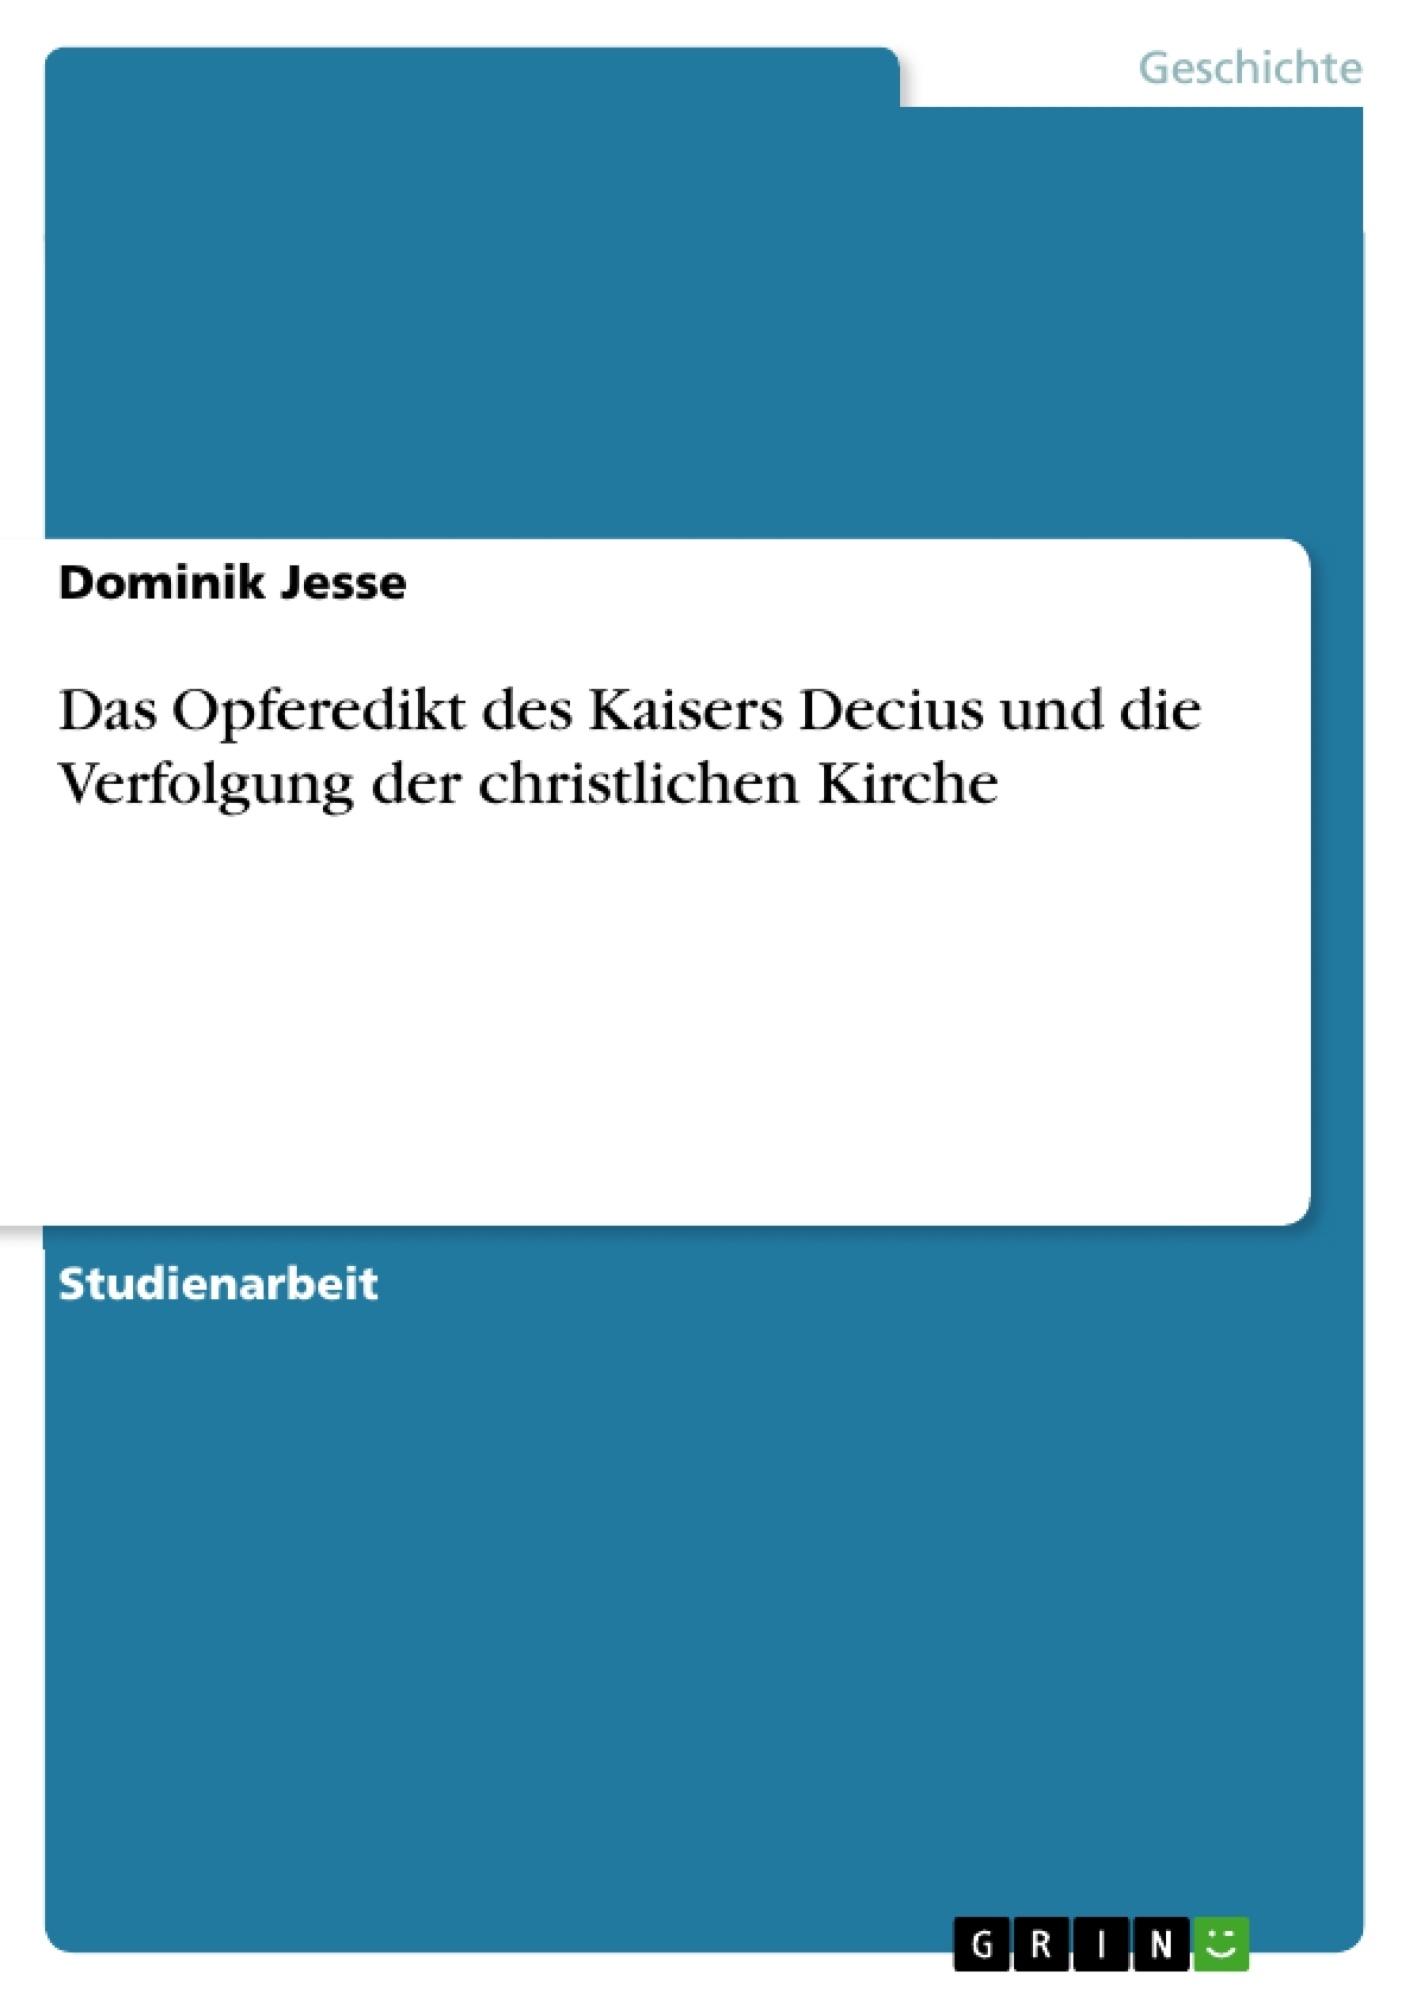 Titel: Das Opferedikt des Kaisers Decius und die Verfolgung der christlichen Kirche